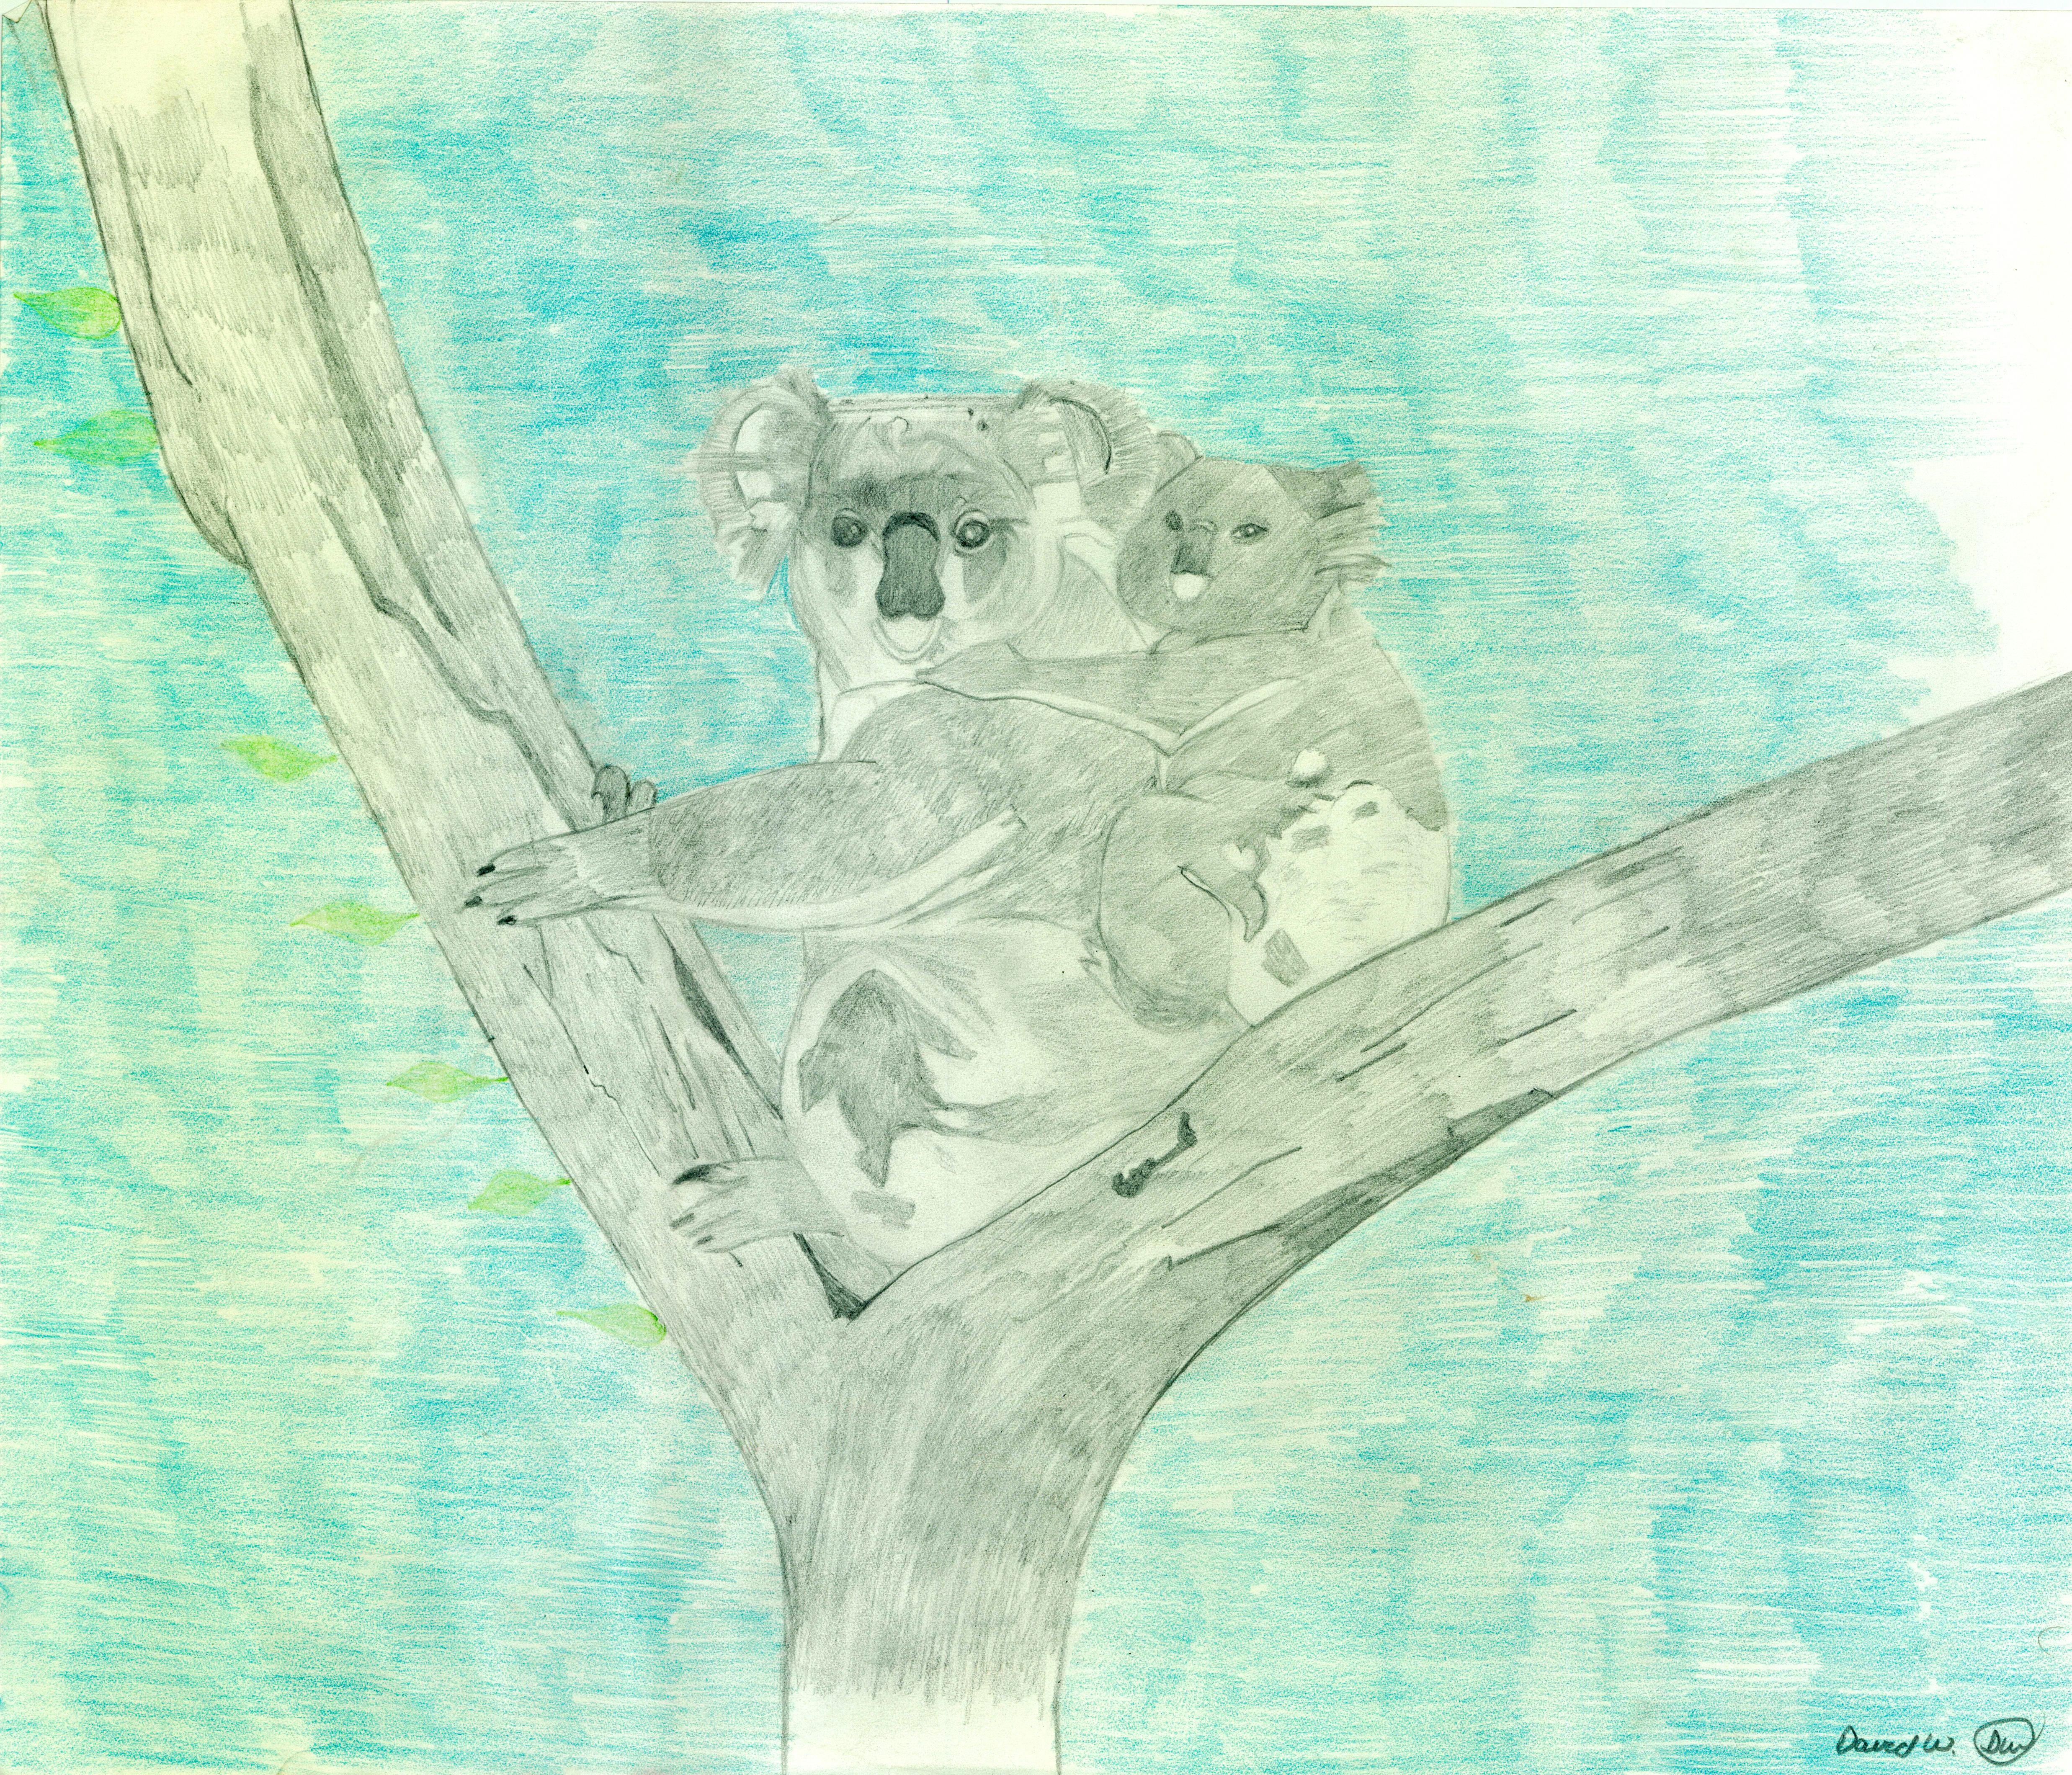 Wheeler, David--Koalas - Autism Artism 2017